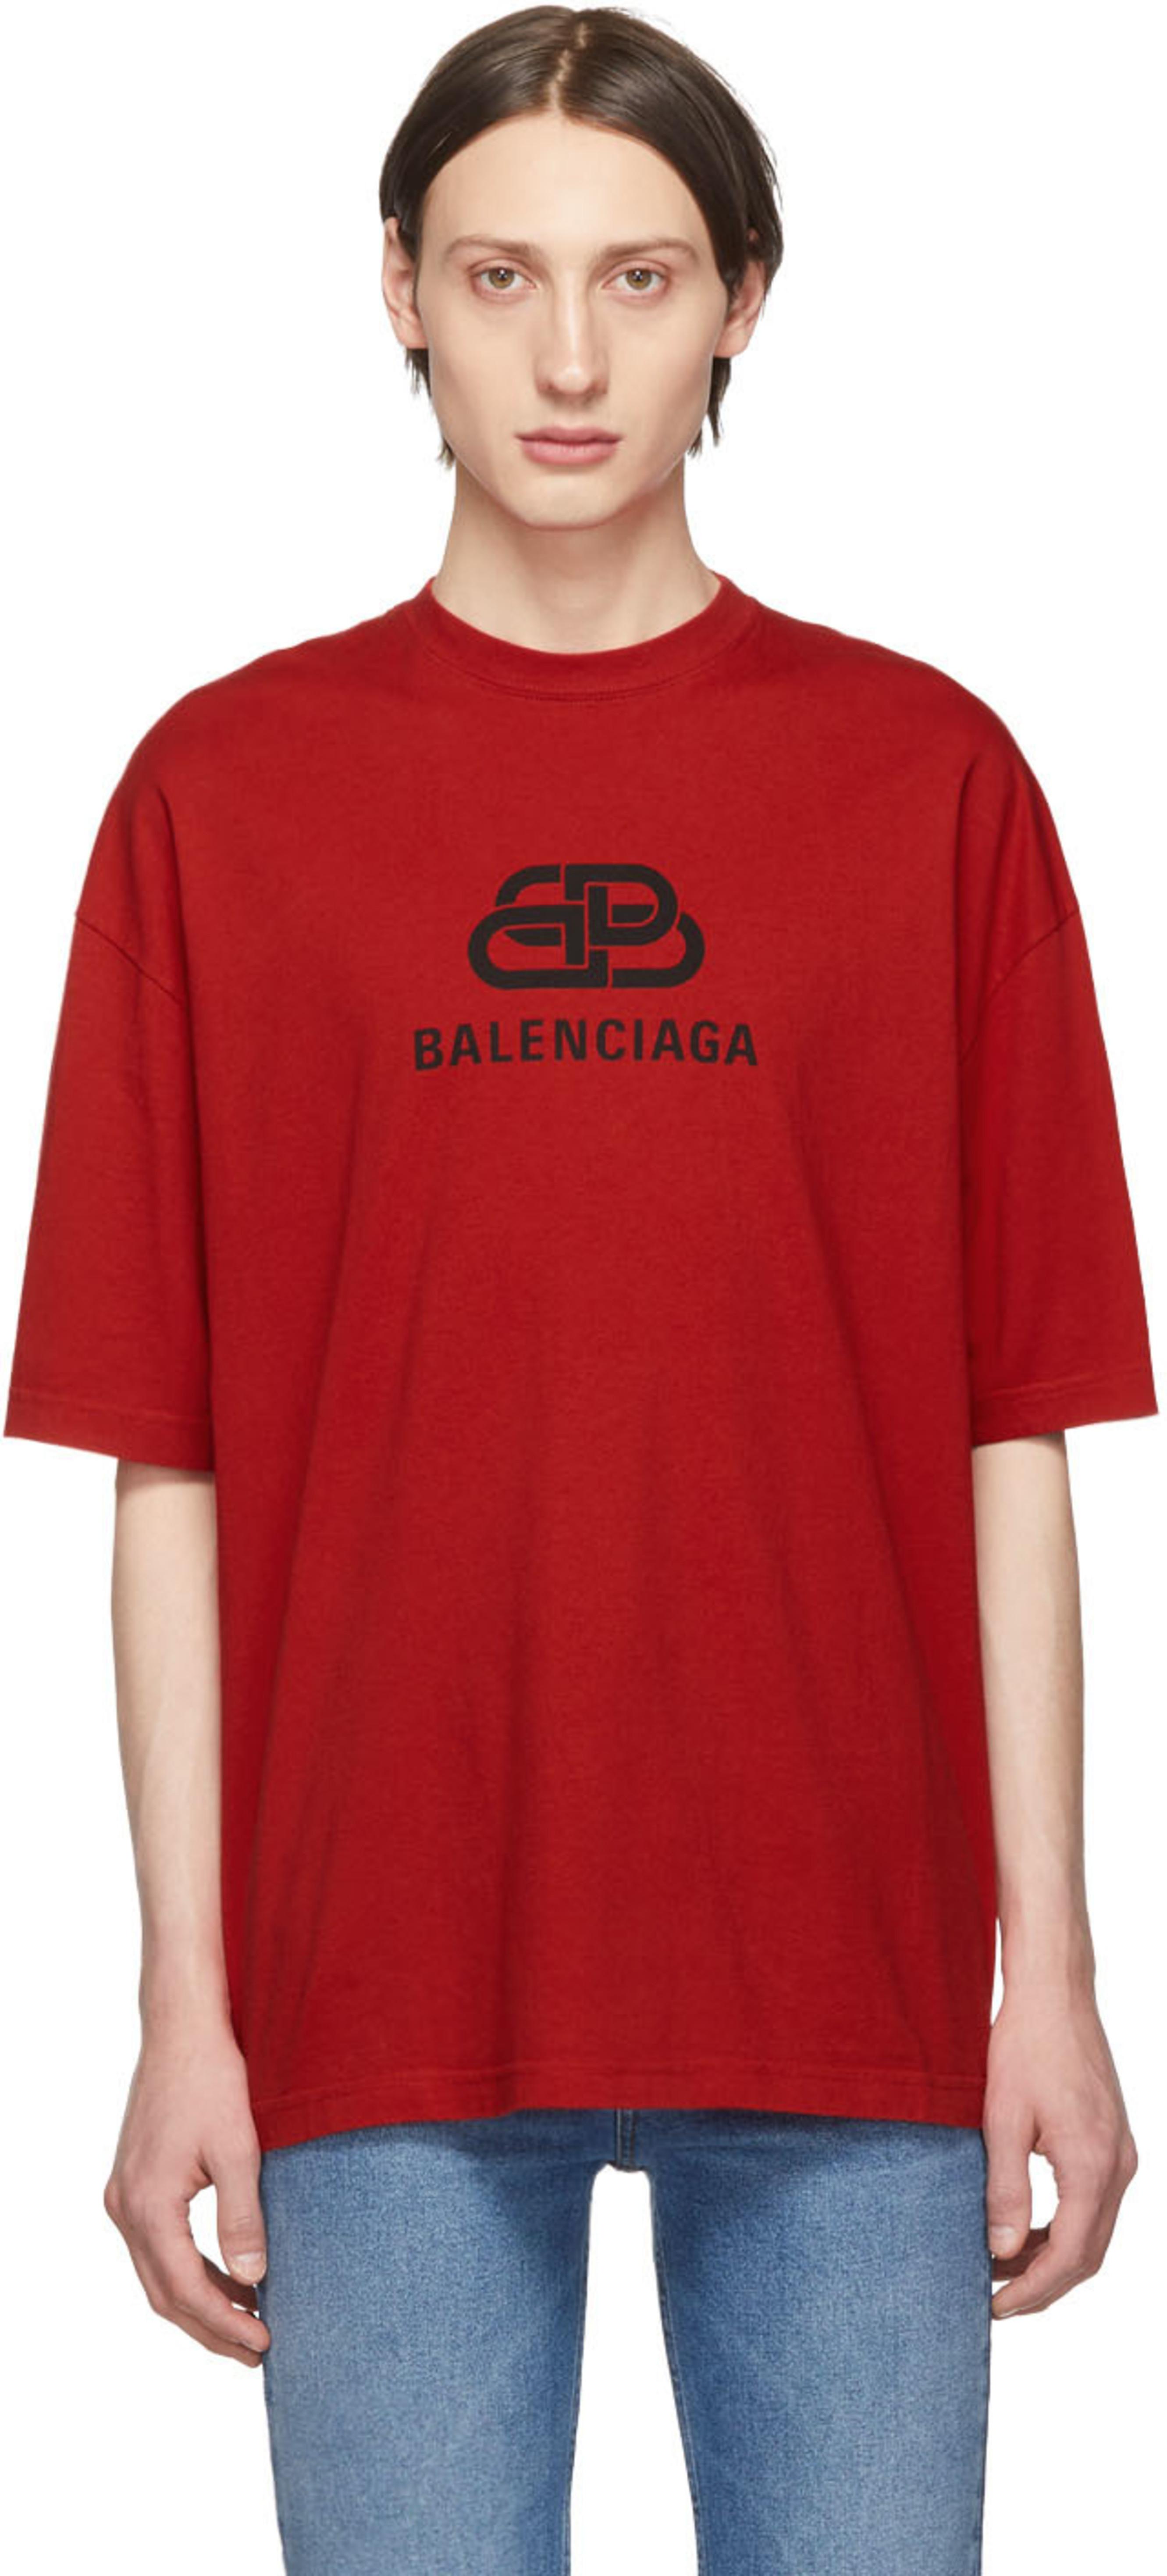 dfd736f41b4c Balenciaga for Men FW19 Collection | SSENSE